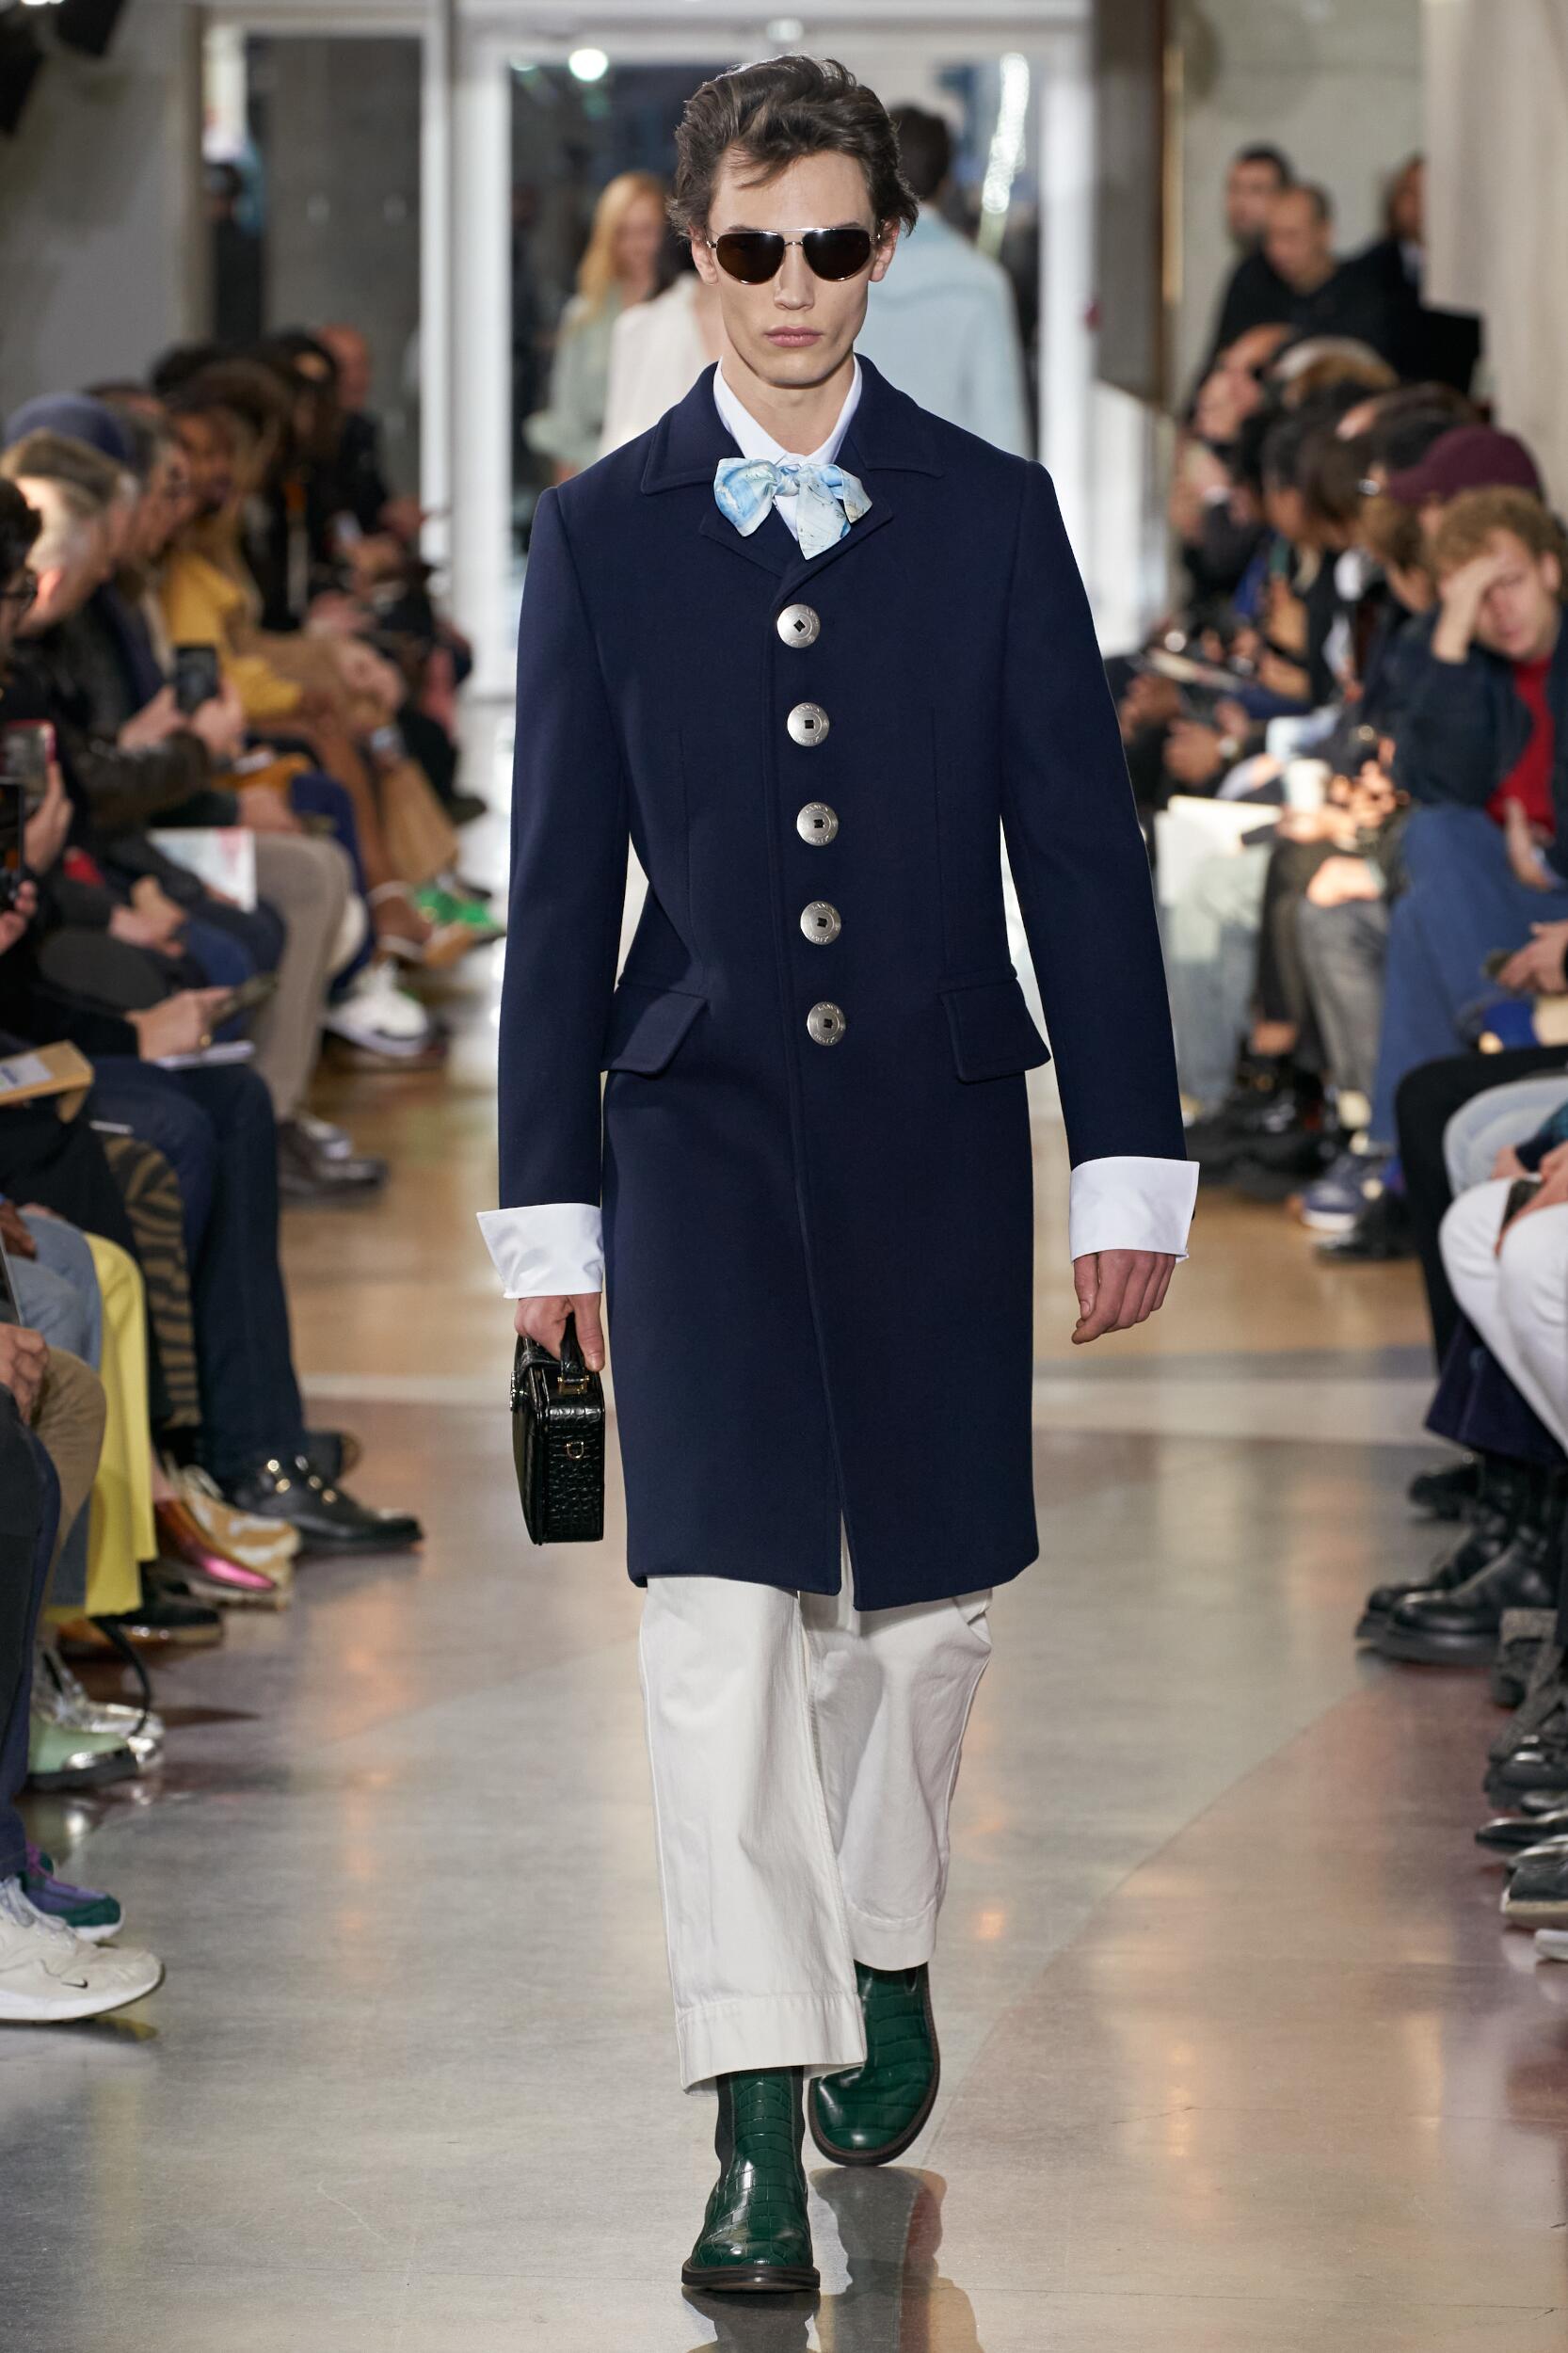 Fall Winter Fashion Trends 2020 Lanvin